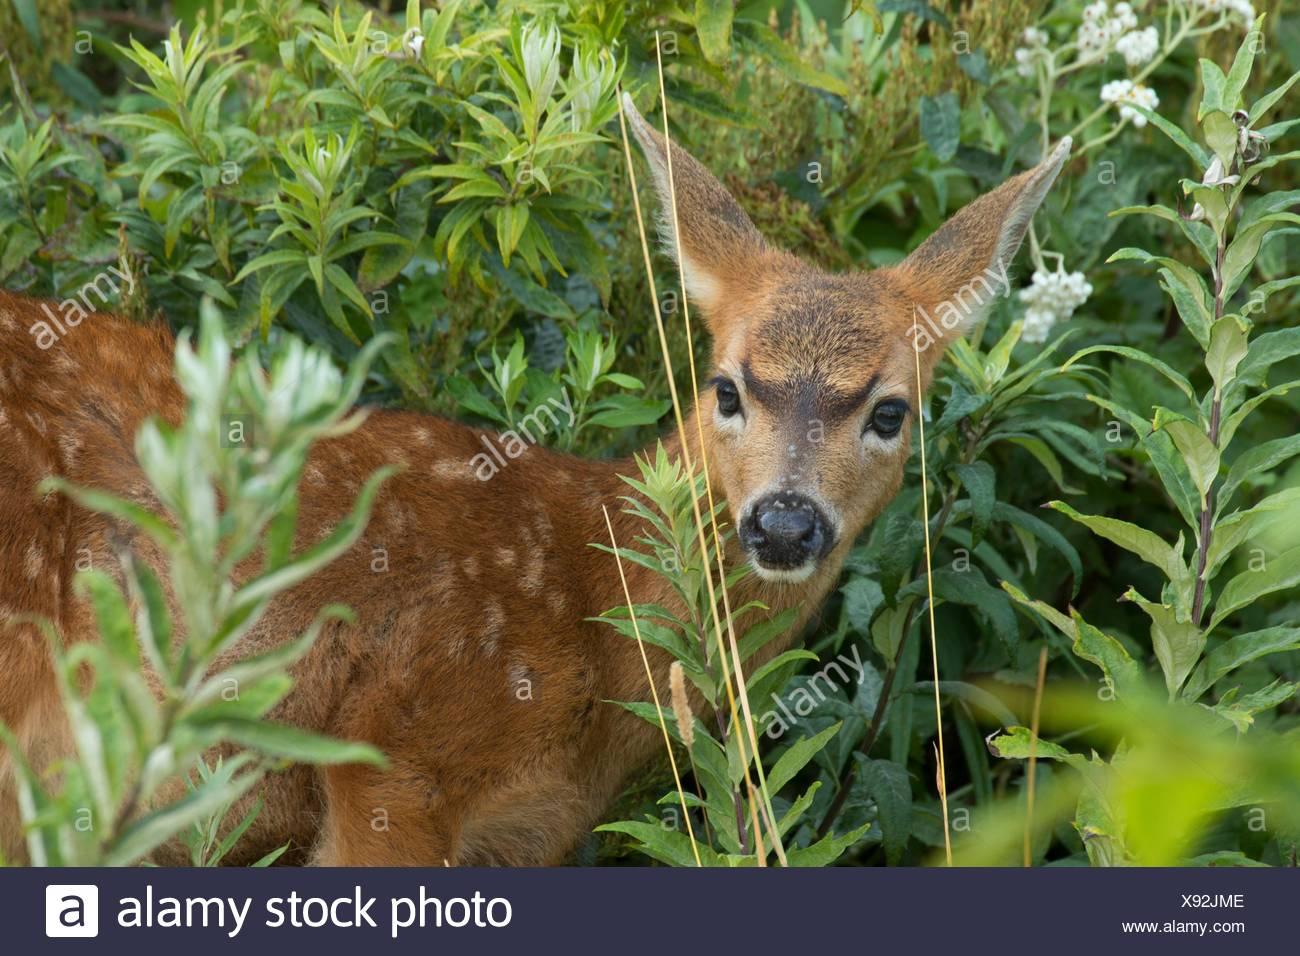 Blacktail deer, Fort Flagler State Park, Washington. - Stock Image